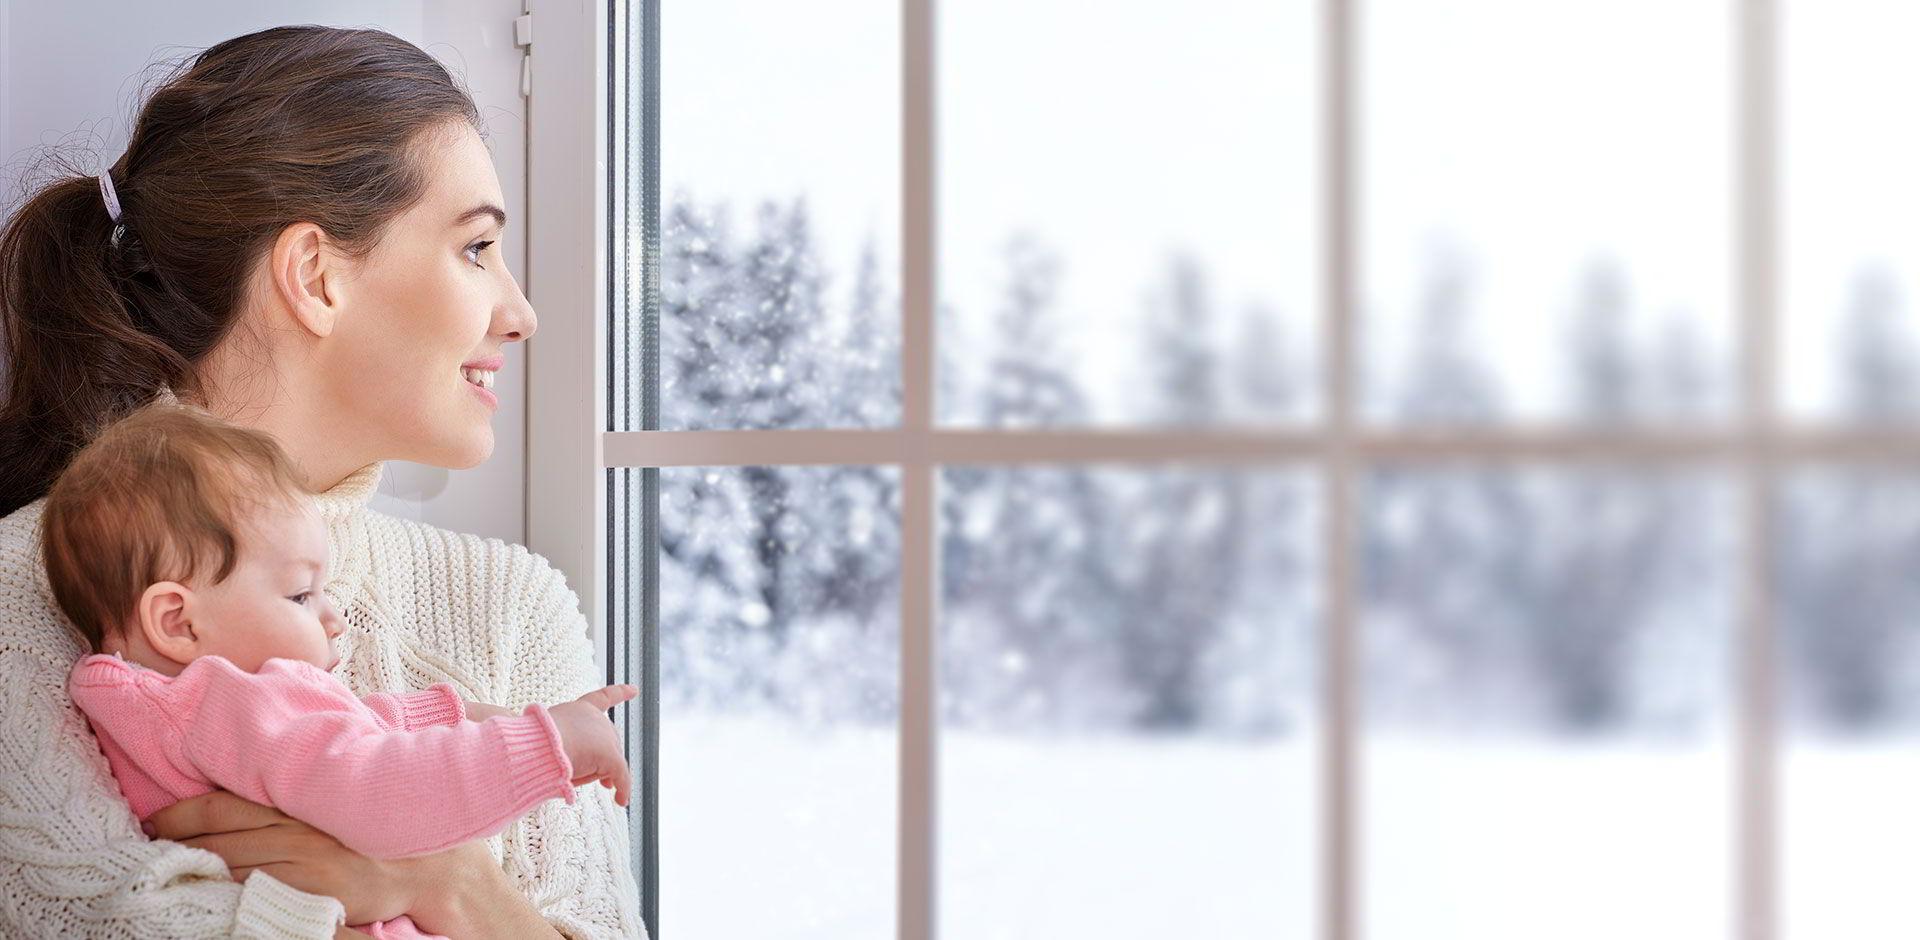 Une femme avec son bébé regarde la neige par la fenêtre